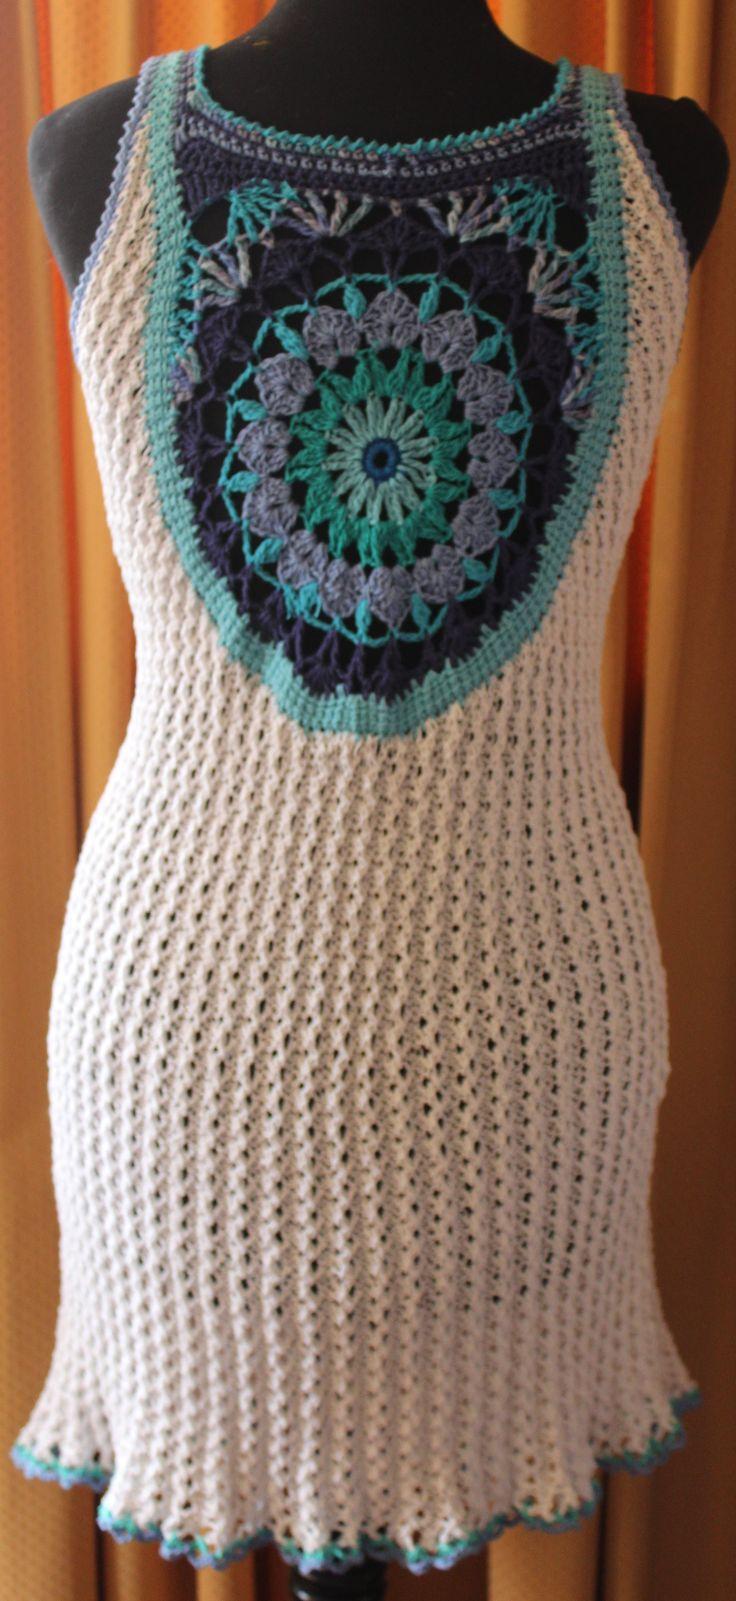 vista de la espalda, vestido de algodón, tejido a palillo alrededor de un centro a crochet.